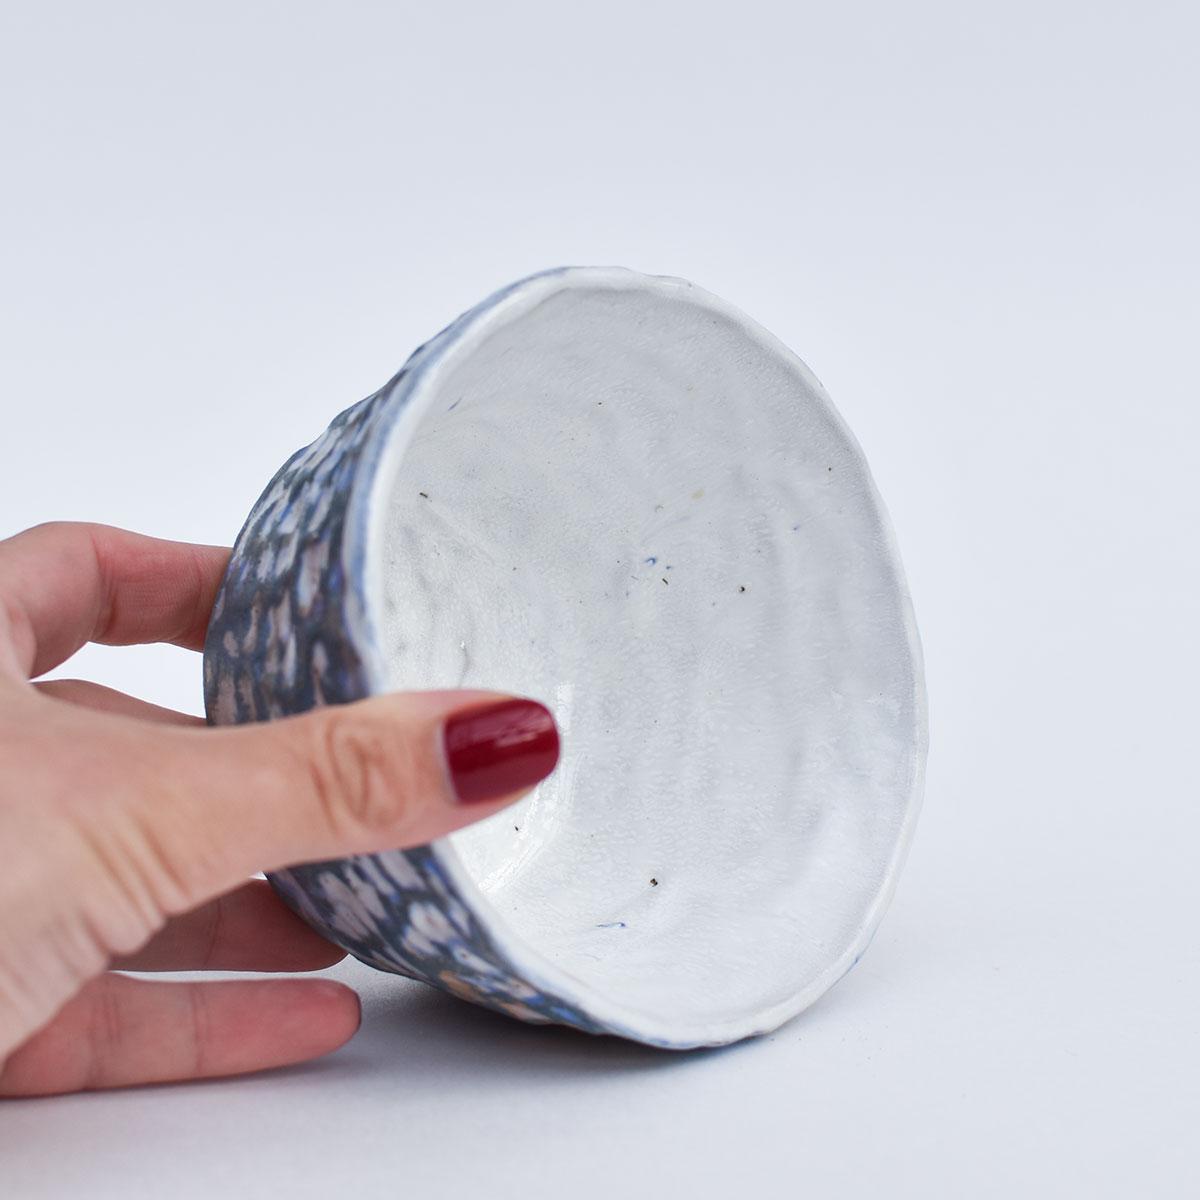 картинка Лепная плошка Юрия Пересады 3 - DishWishes.Ru